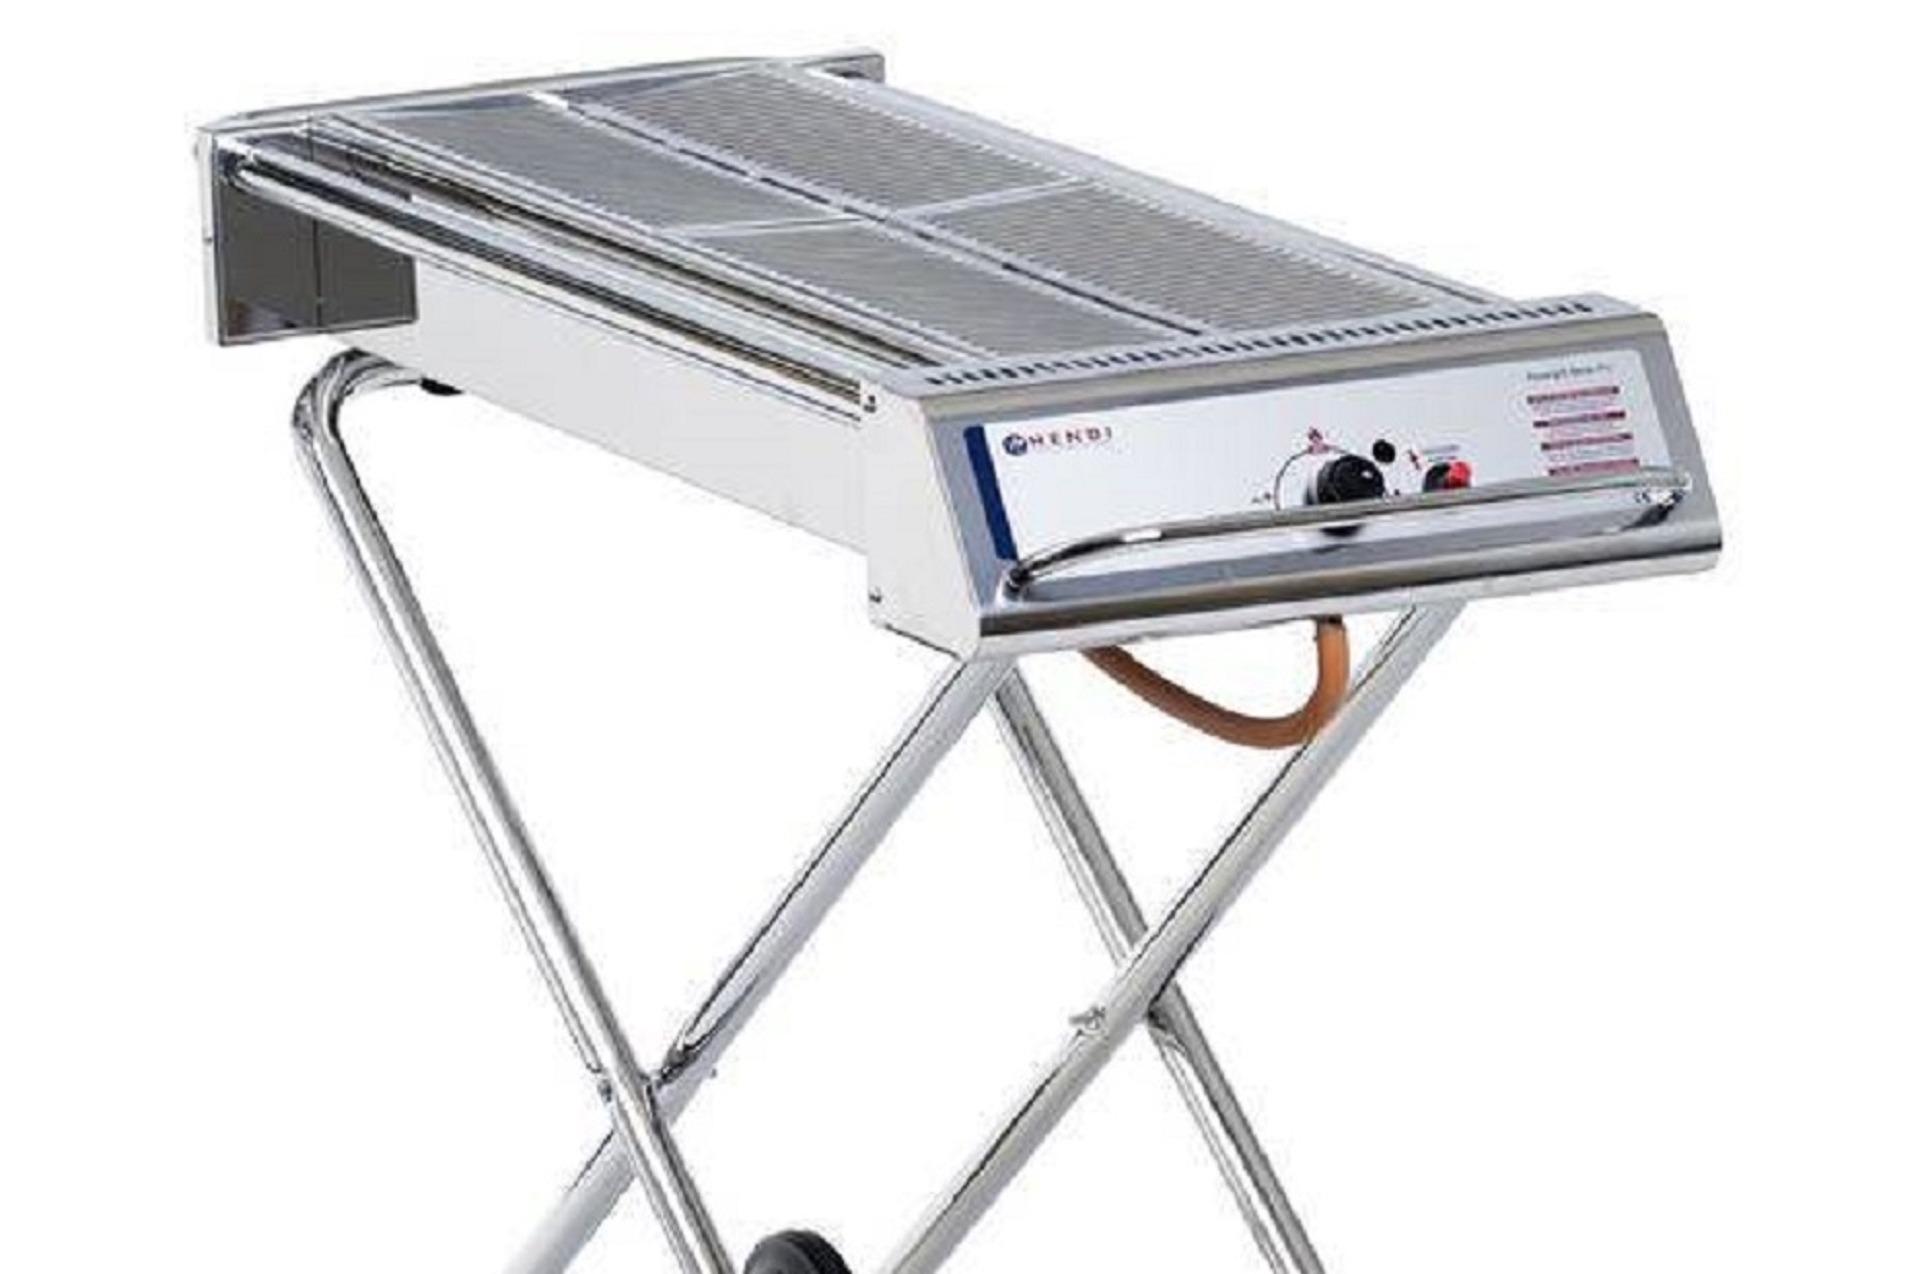 Barbecue (verhuur in combinatie met vlees)